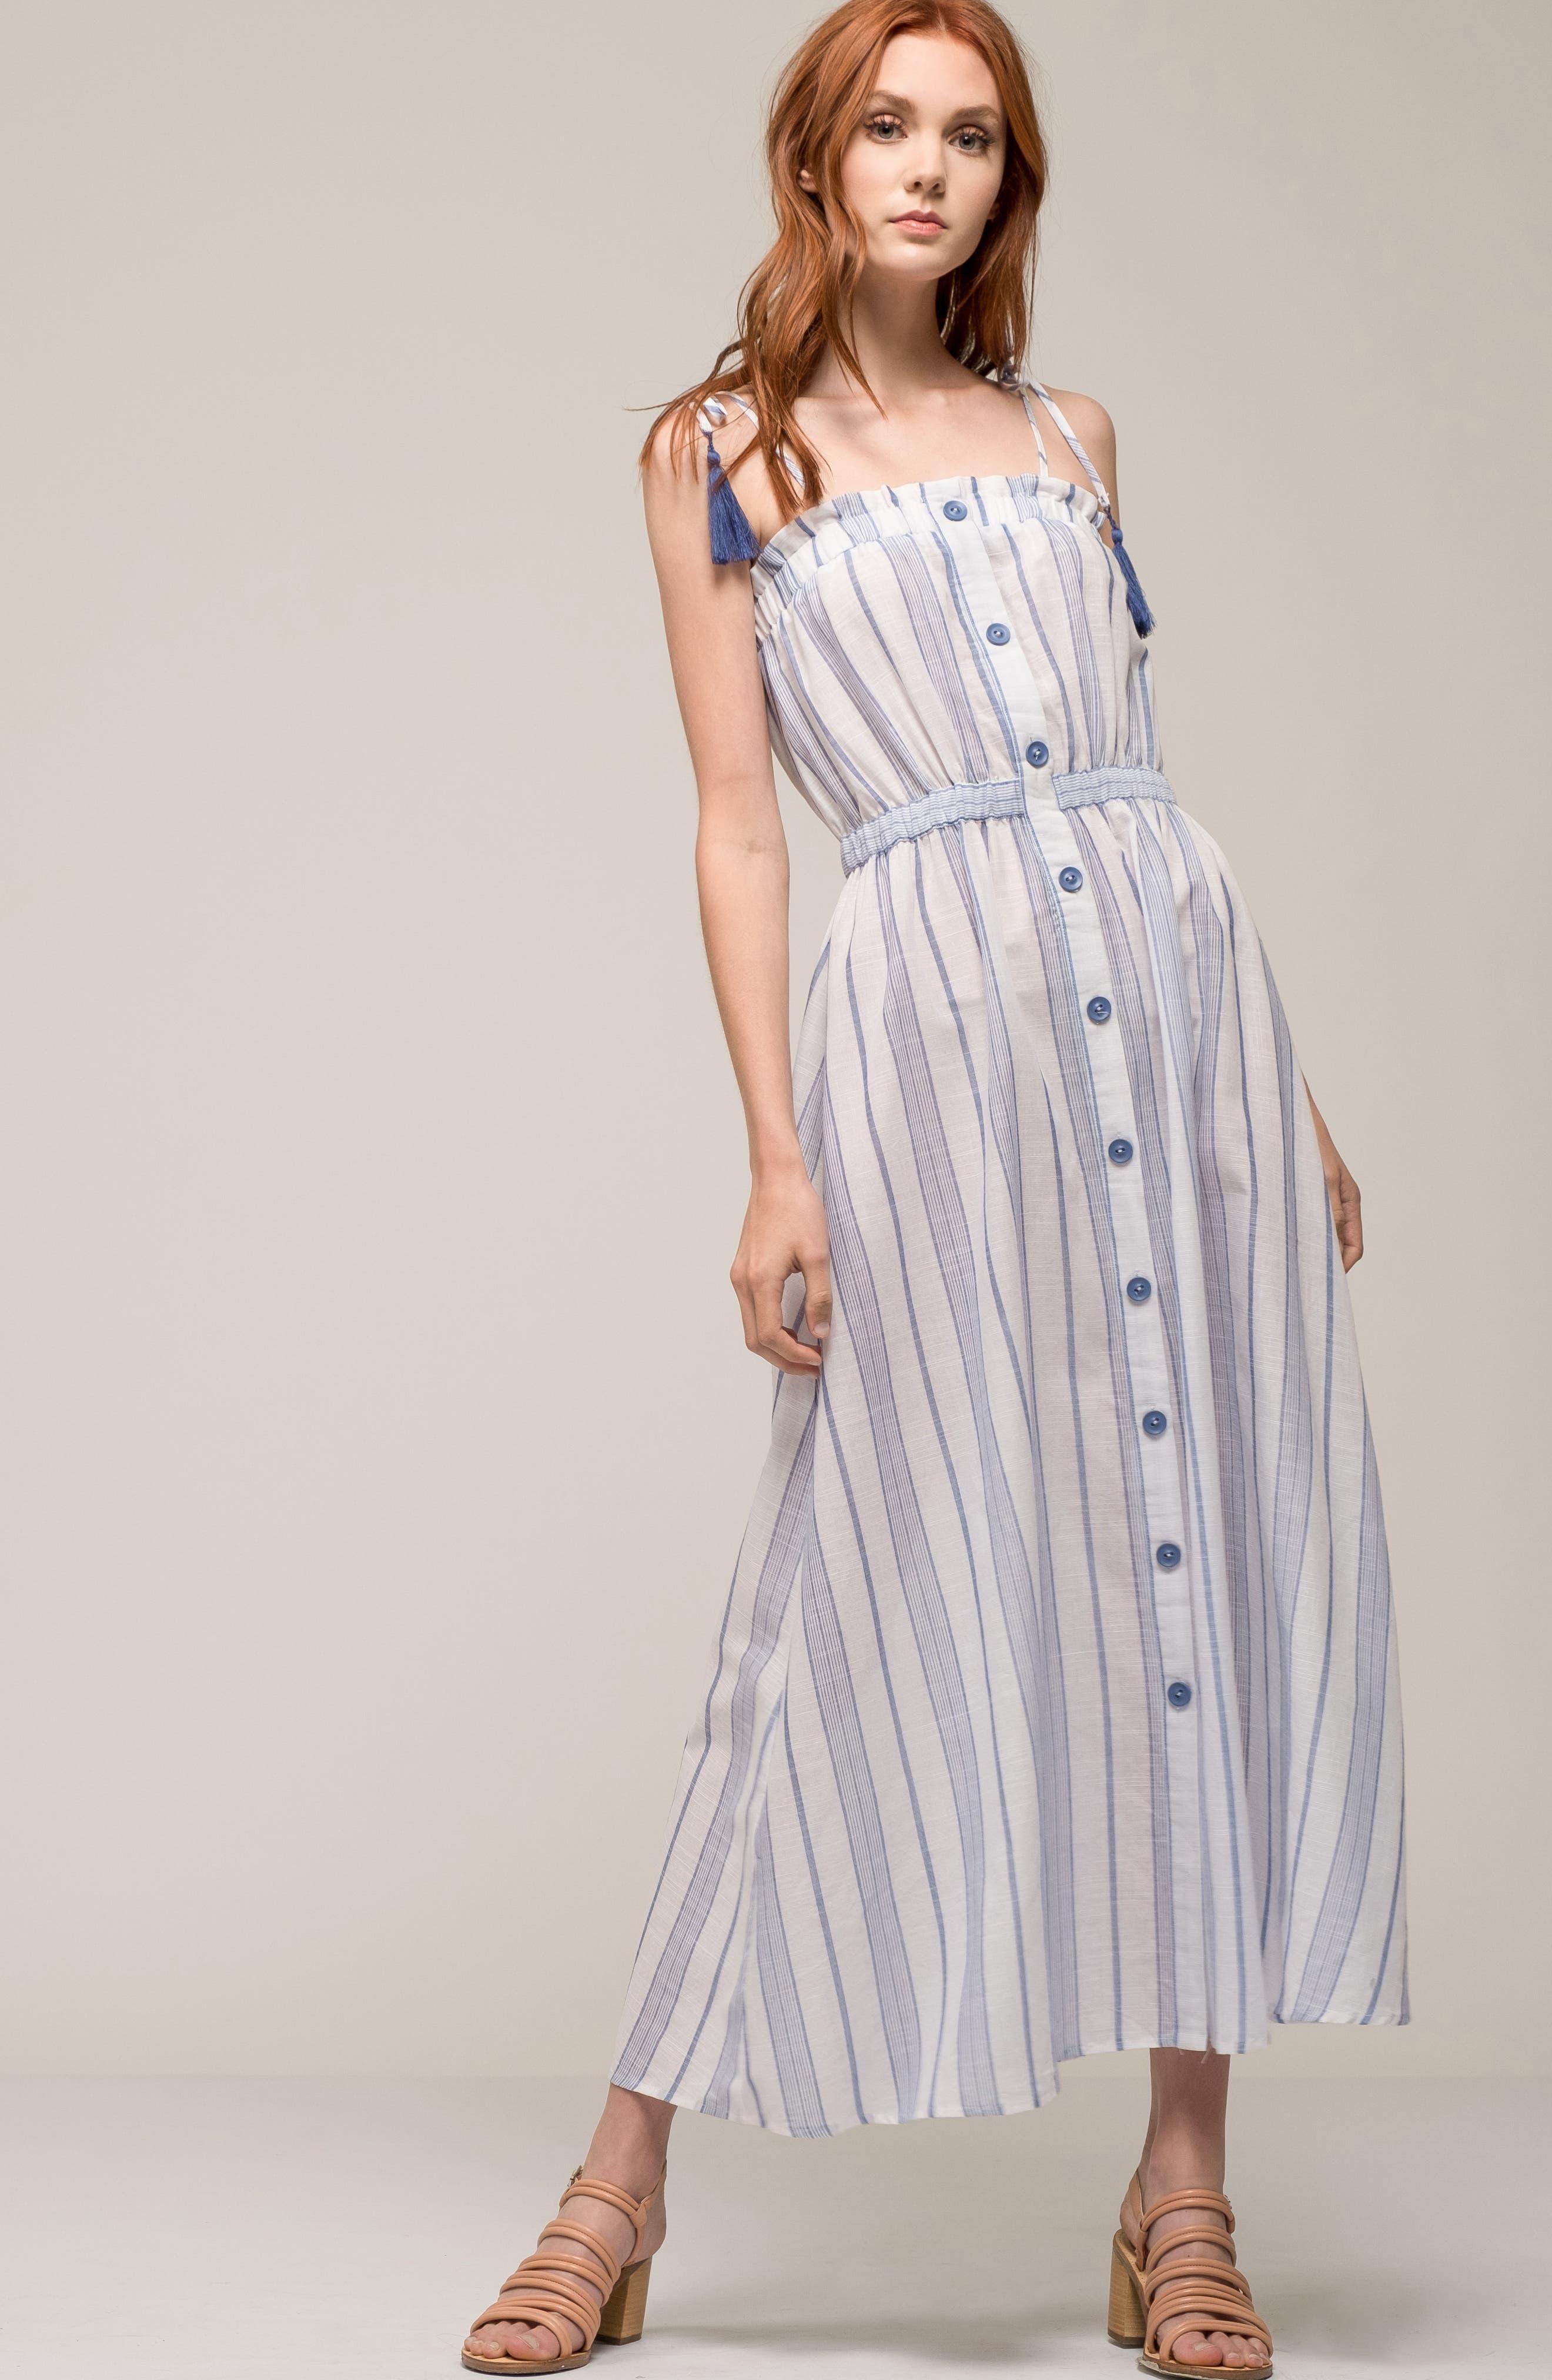 Stripe Tie Strap Dress,                             Alternate thumbnail 8, color,                             SKY STRIPE